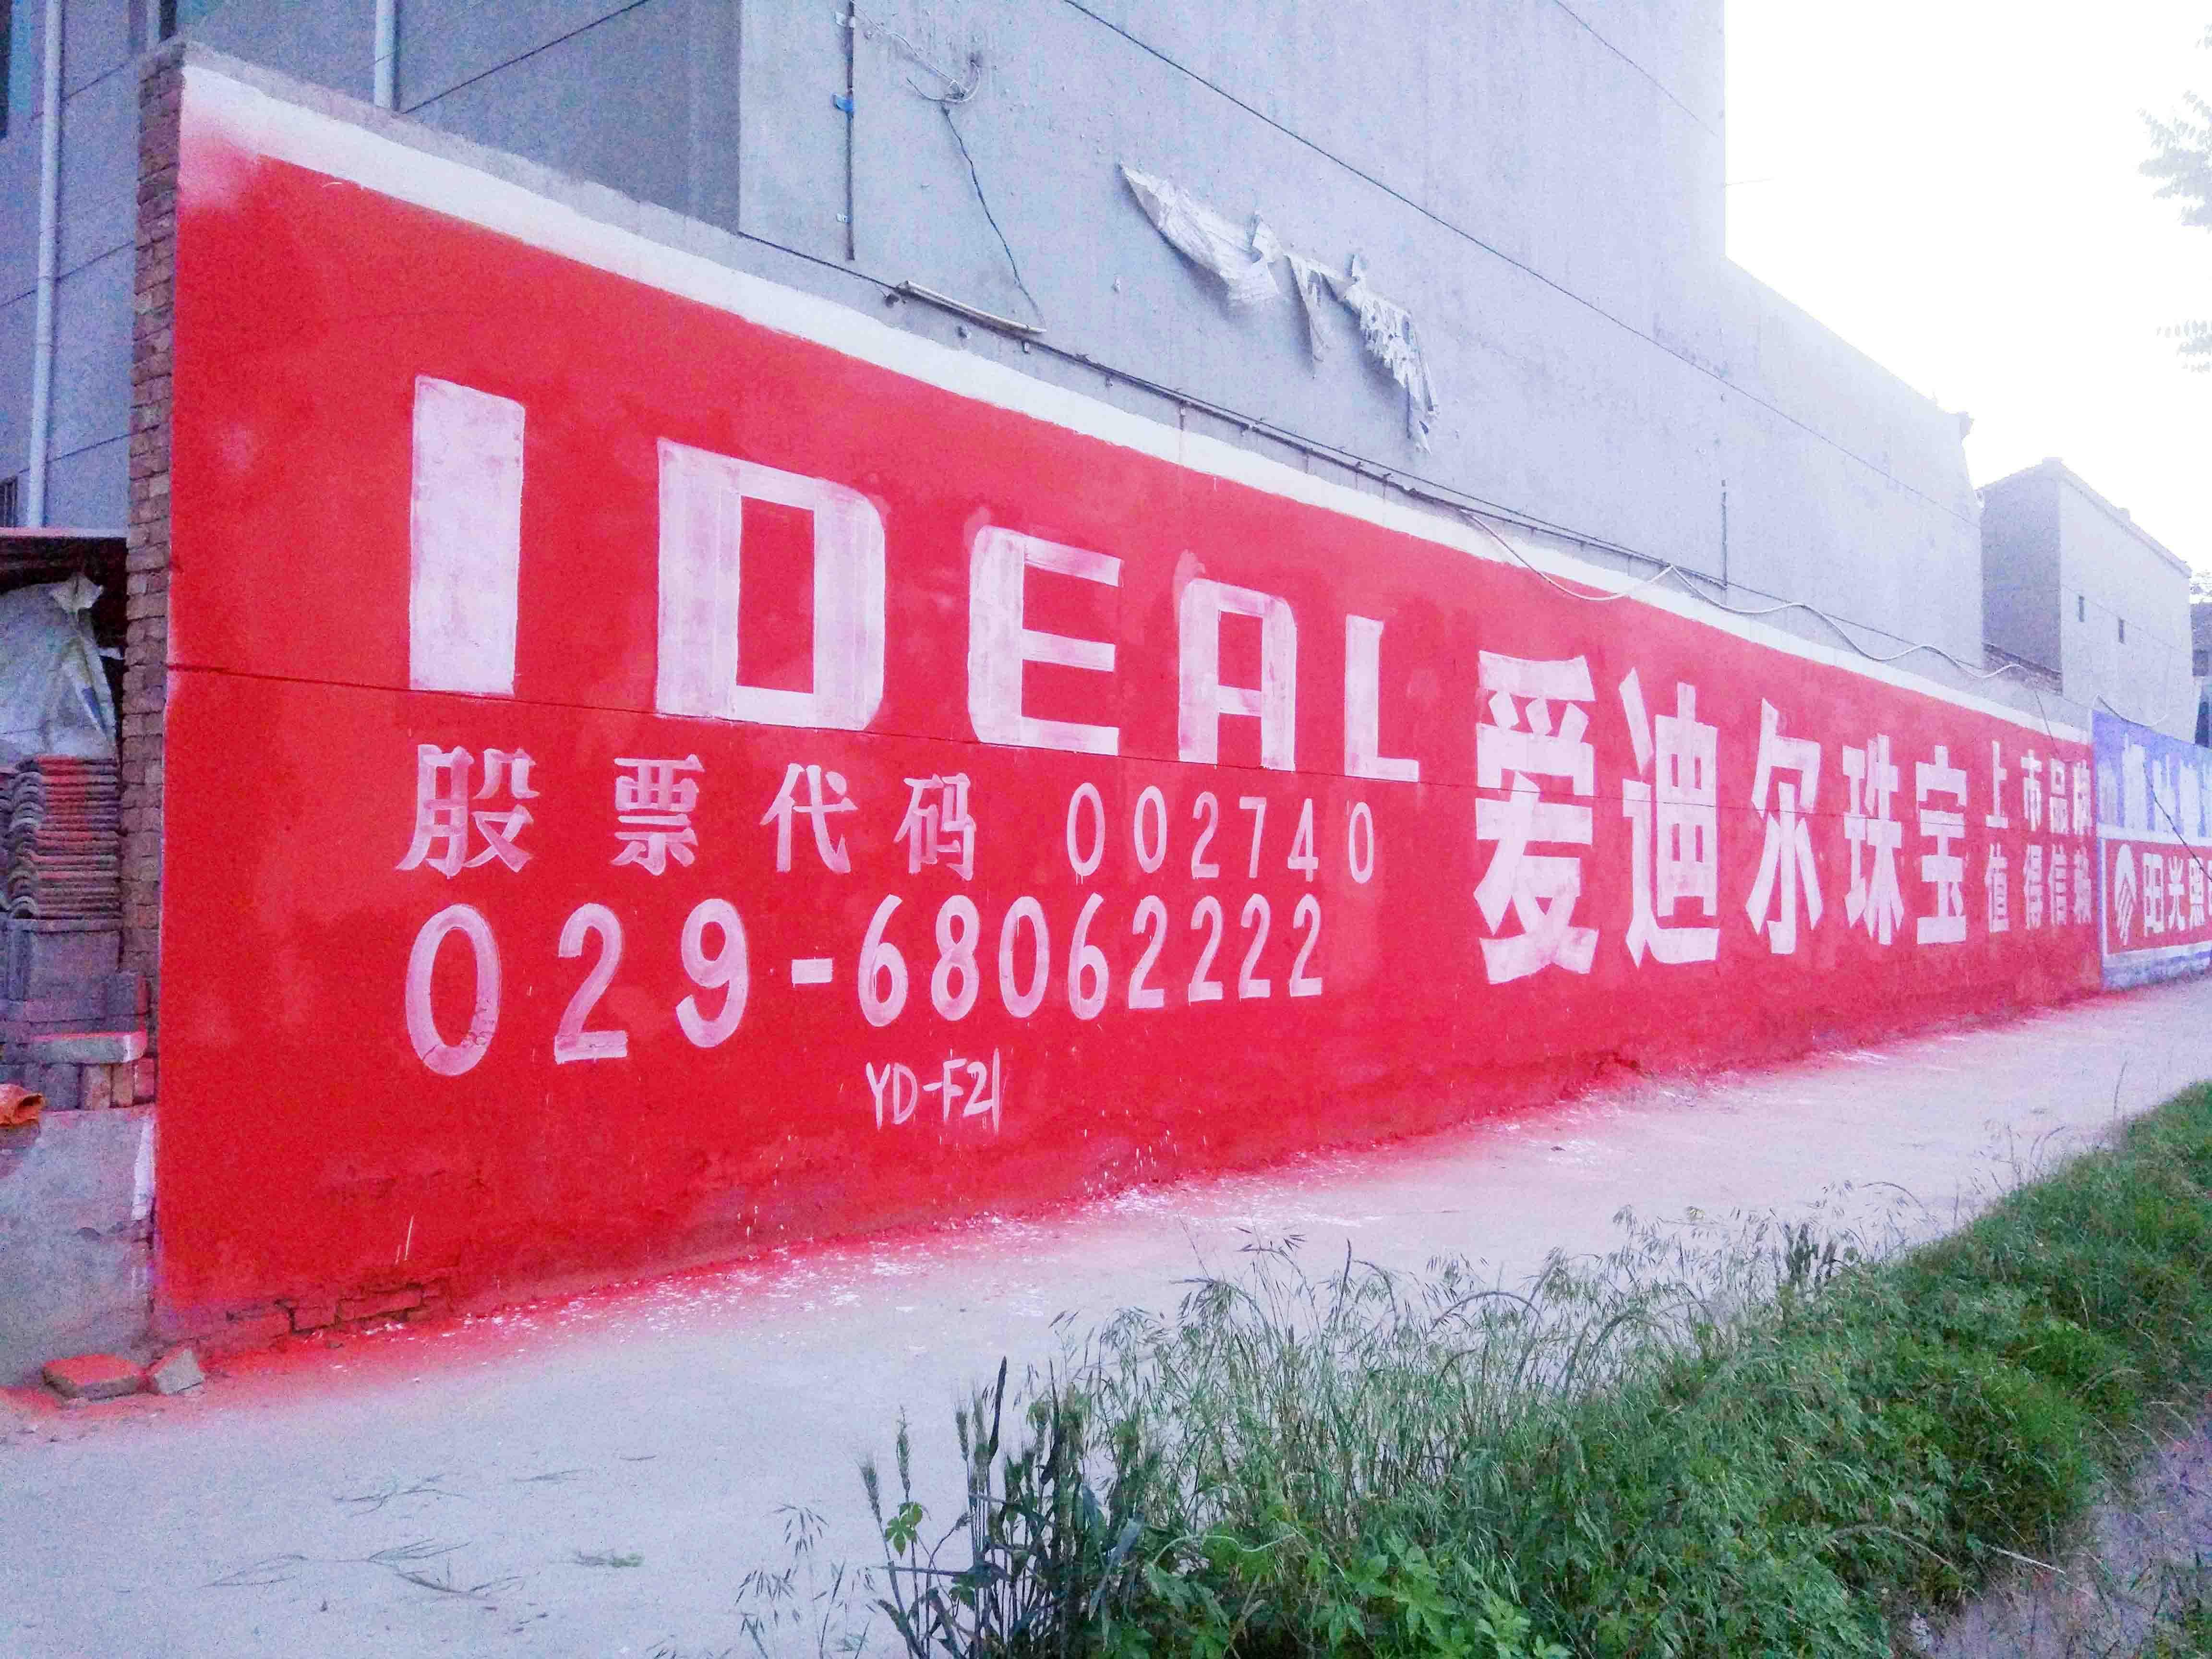 榆林墙体广告榆林刷墙广告榆林乡镇墙体广告